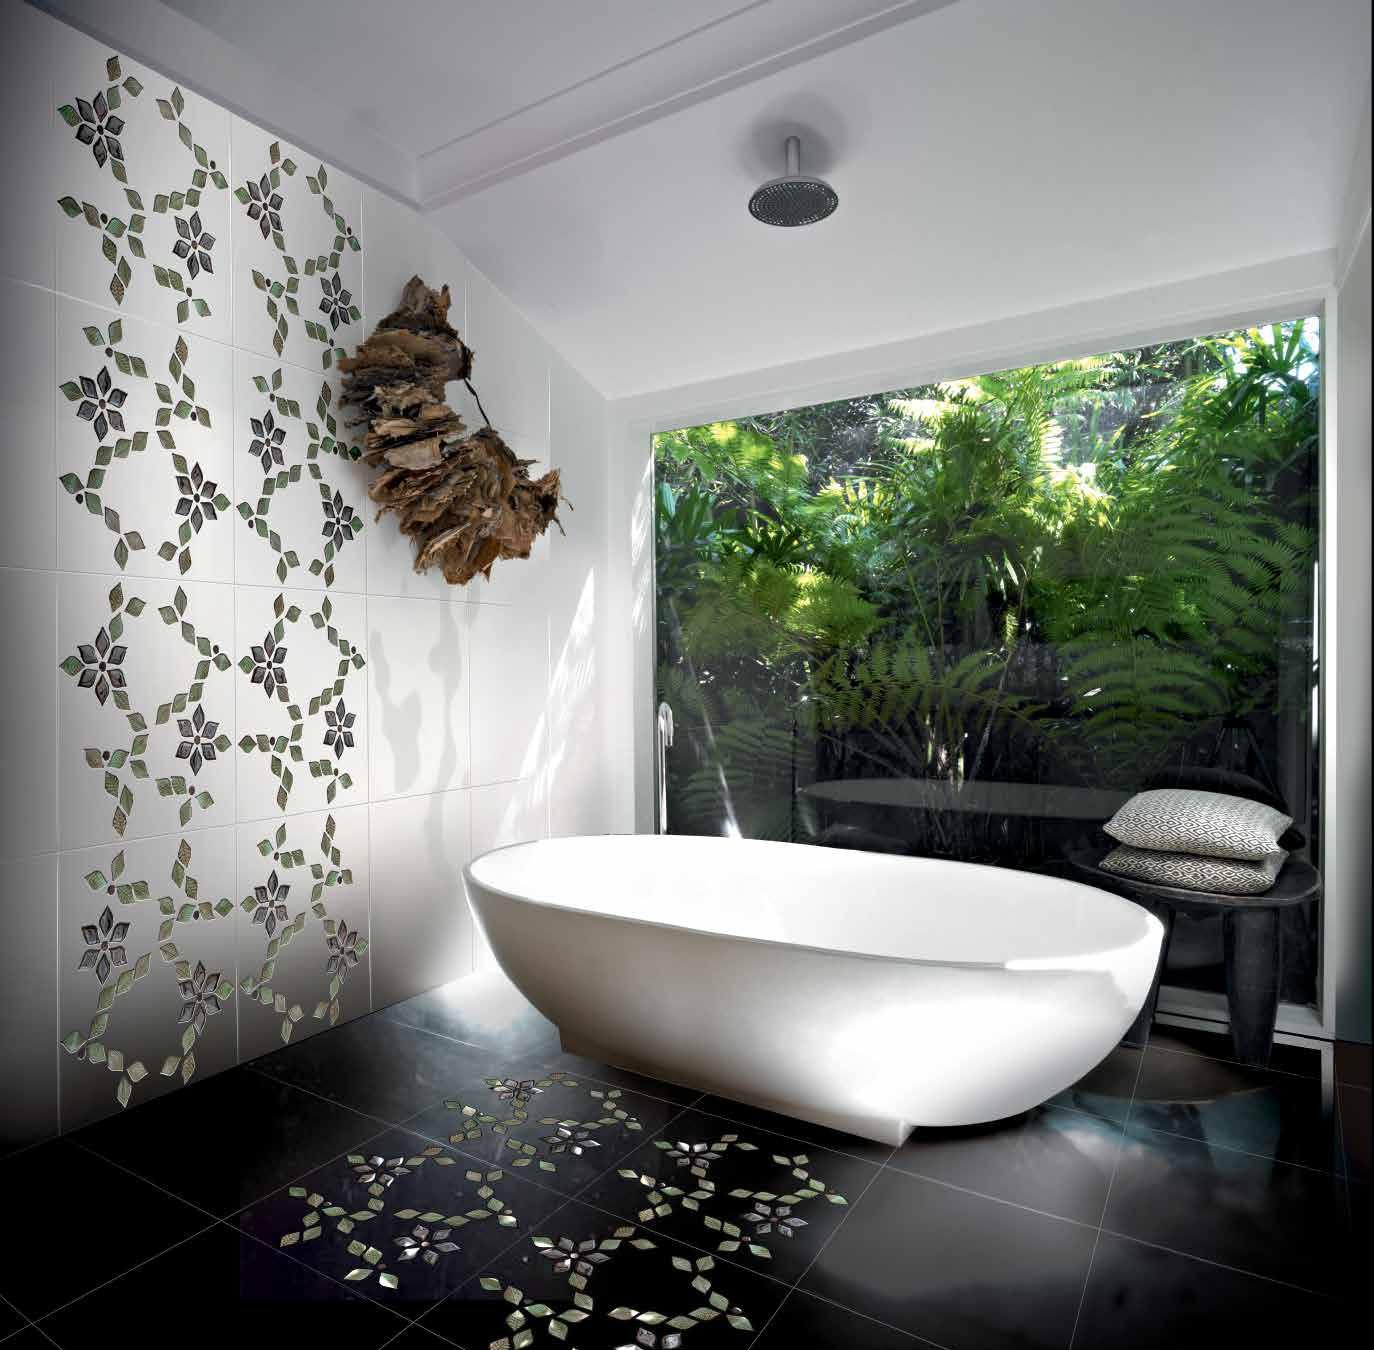 صورة استخدام اشكال الزهور البارزة في حائط الحمام روعه